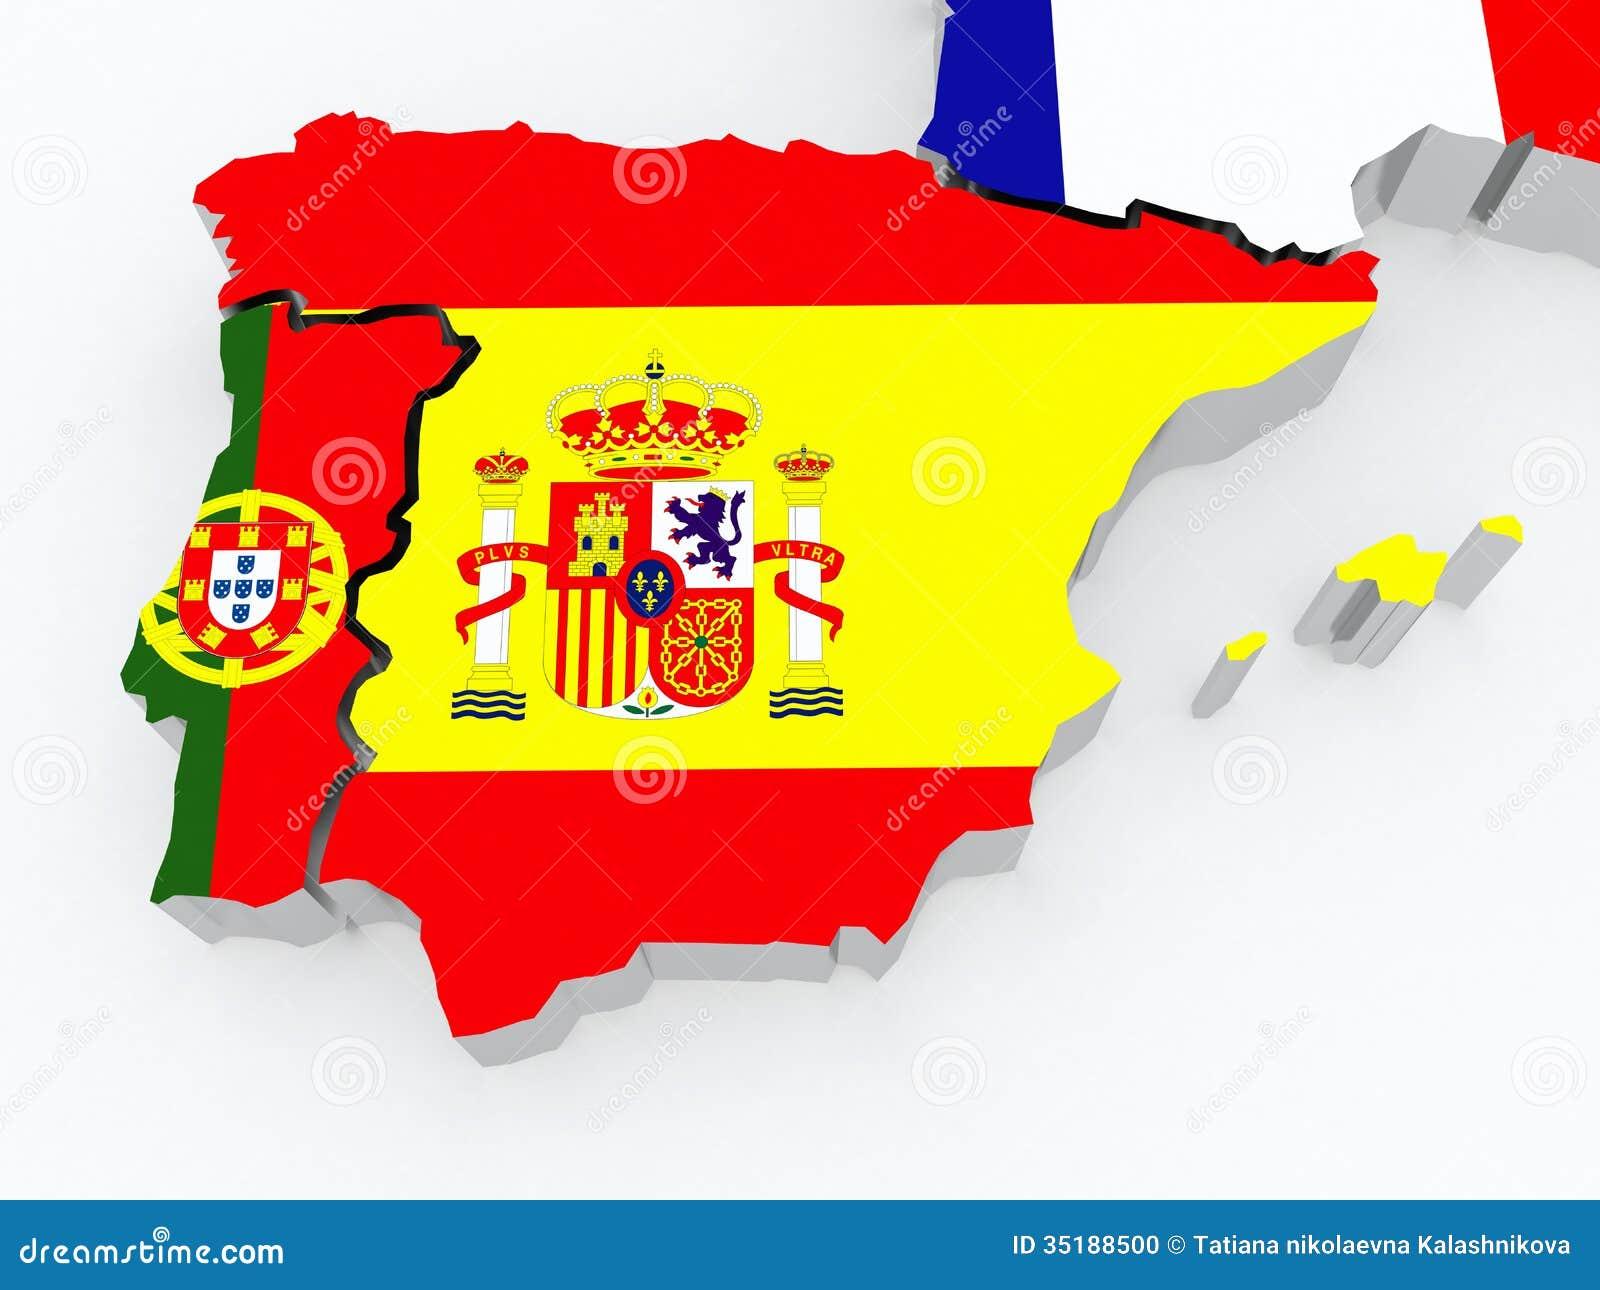 Mapa Da Espanha E Do Portugal. Ilustração Stock - Ilustração de ... 9c1b9eb8b03b2